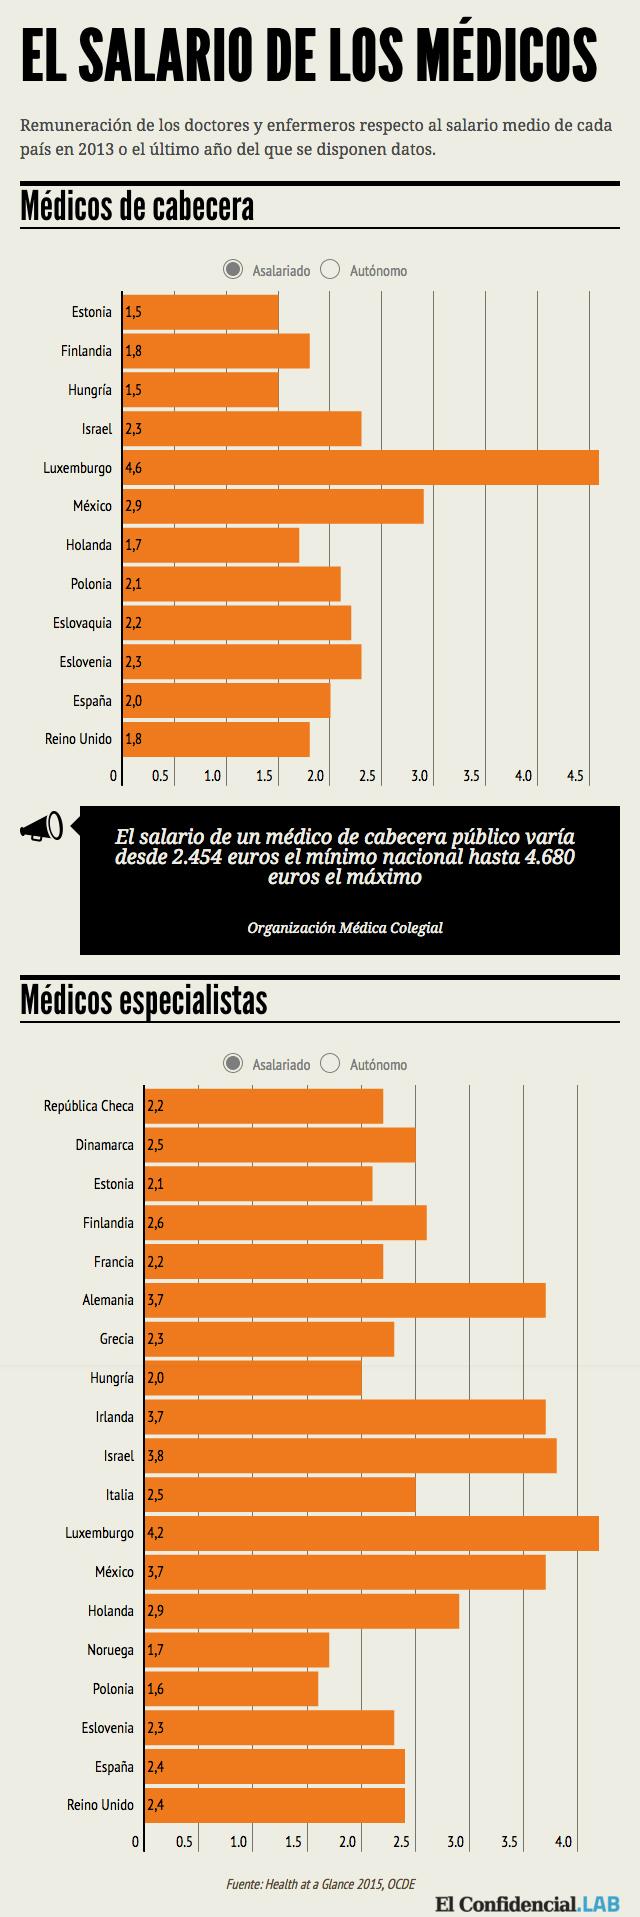 salario medicos